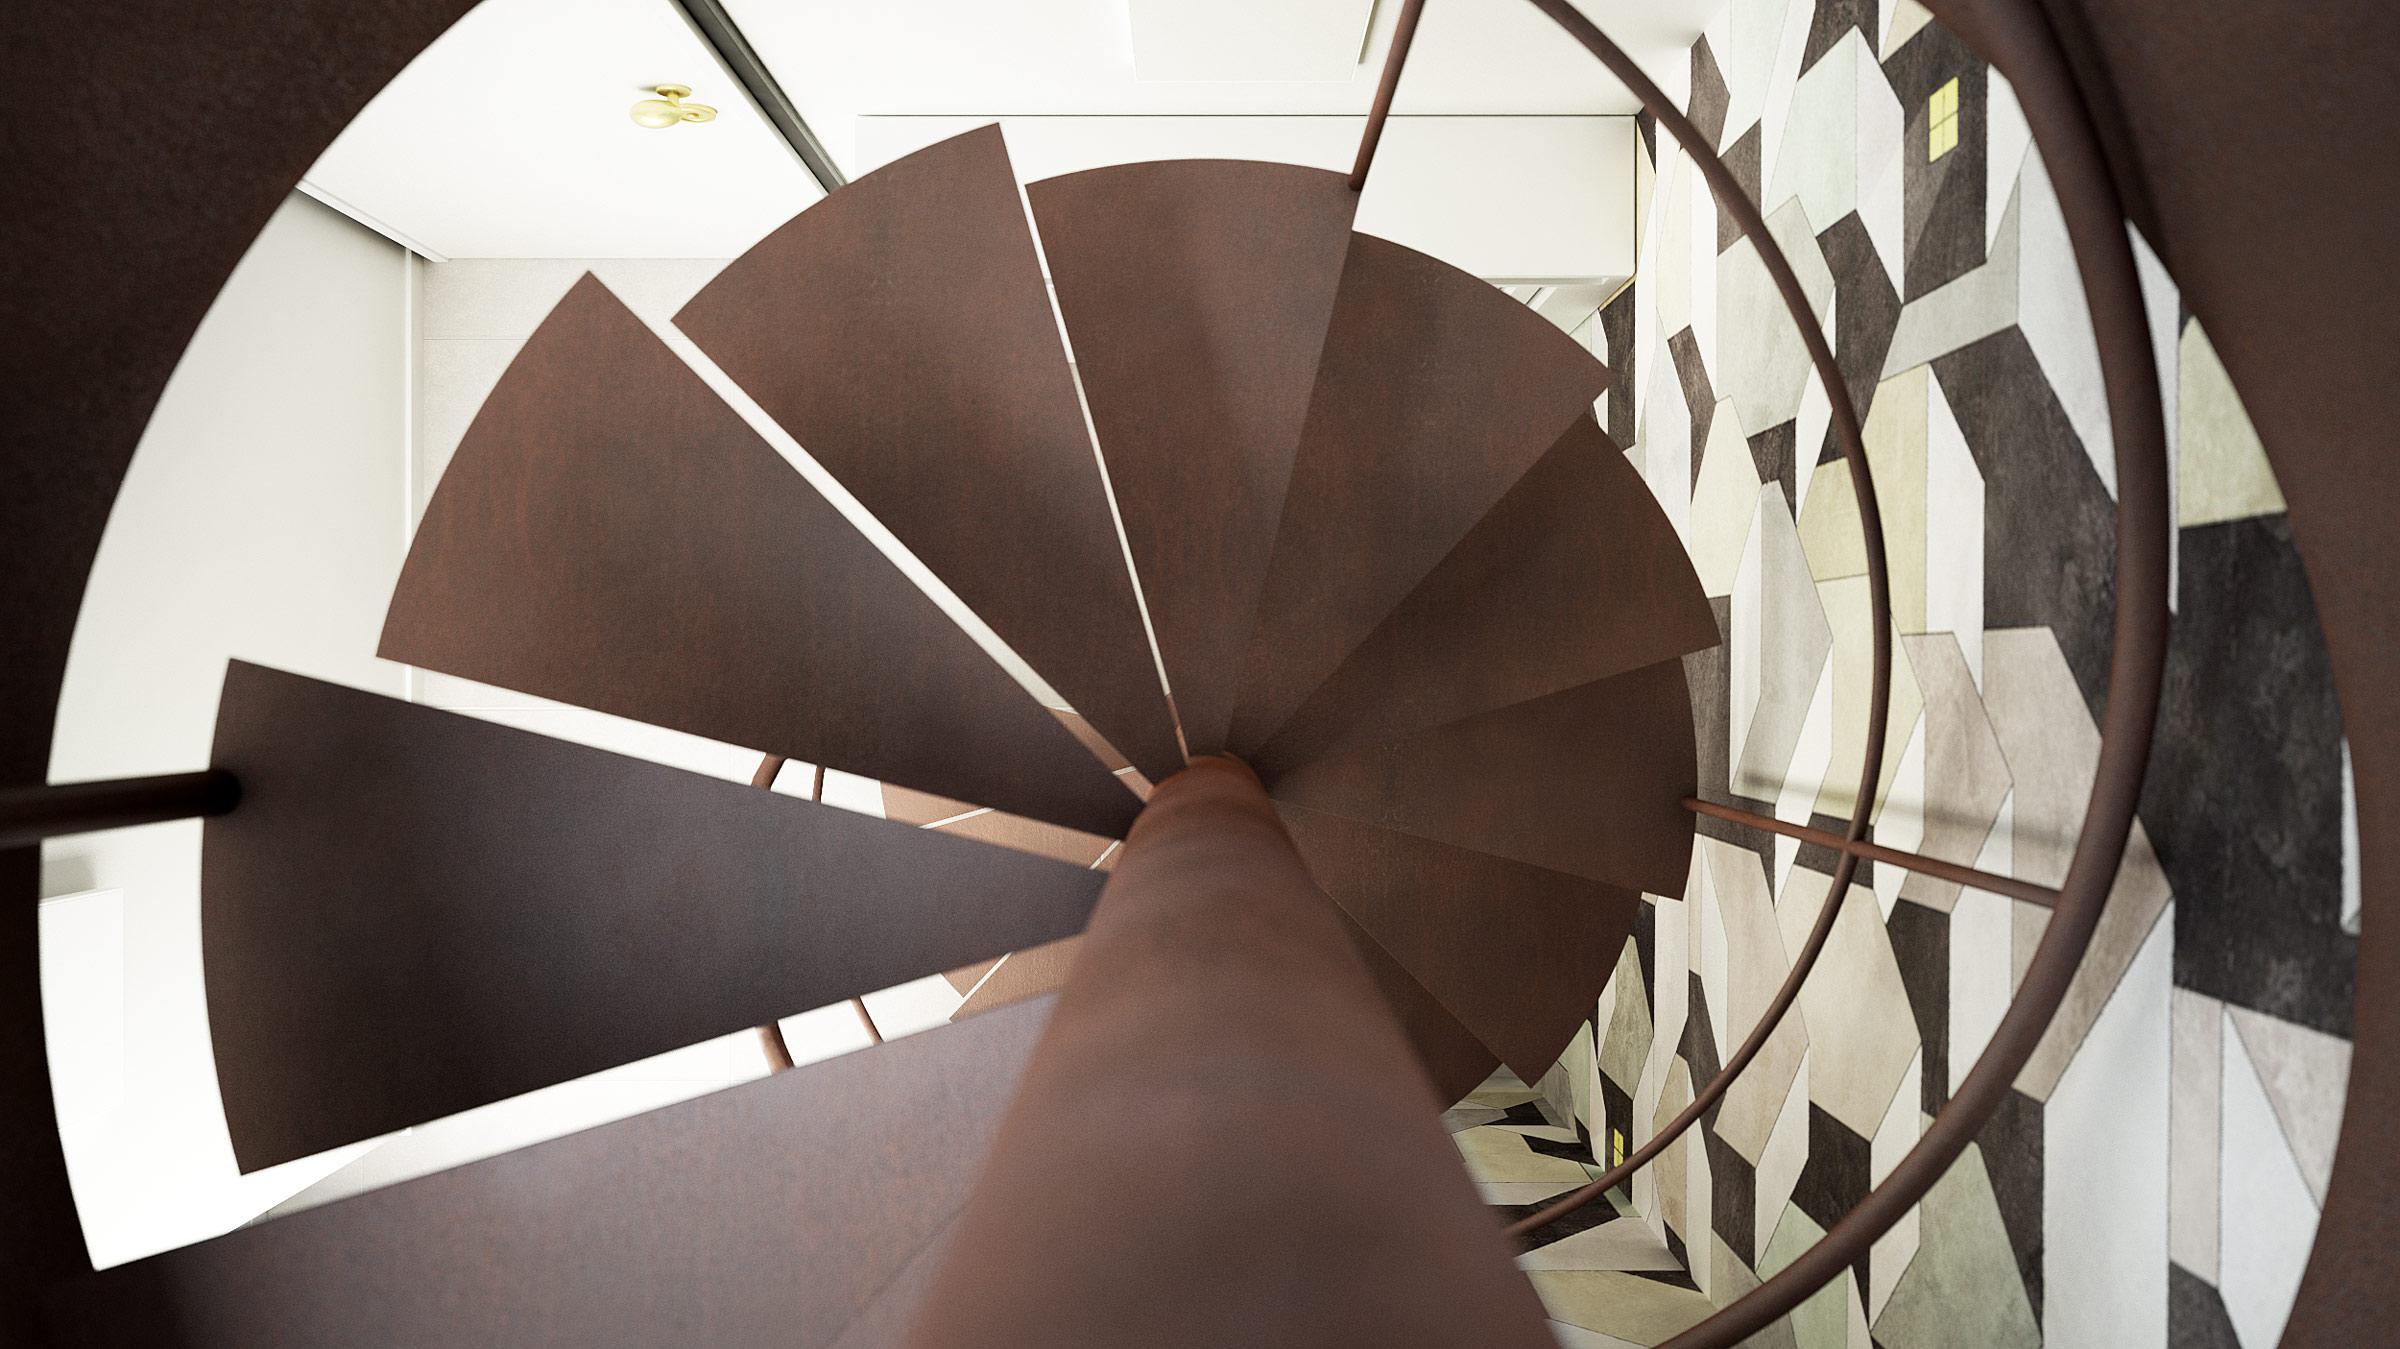 render-abitazione-scala-chiocciola-spiral-staircase